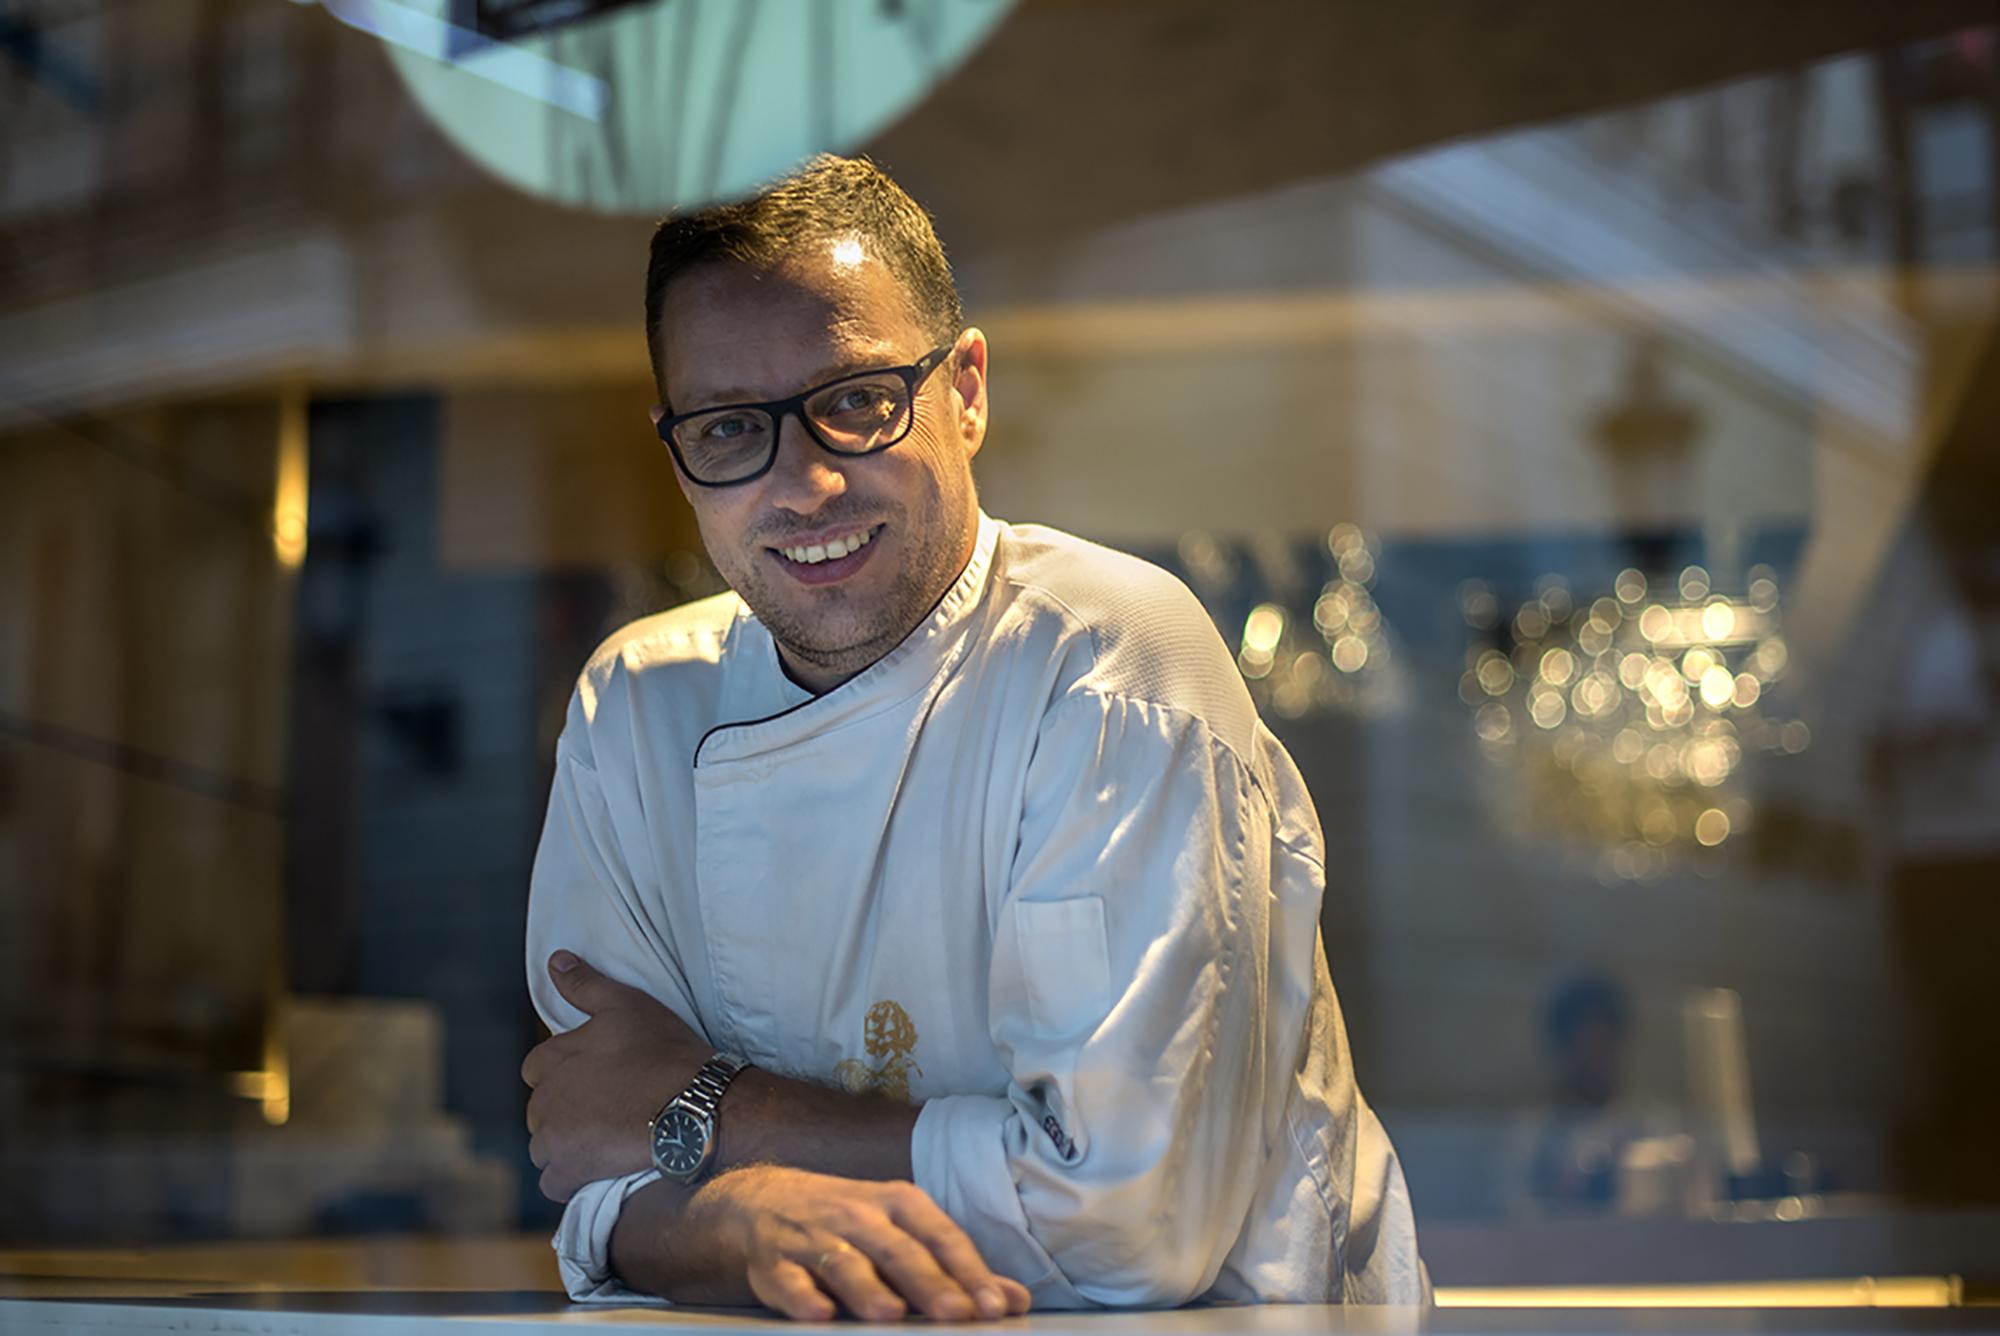 El chef Teo Rodríguez, viajero fuera y dentro de la cocina.